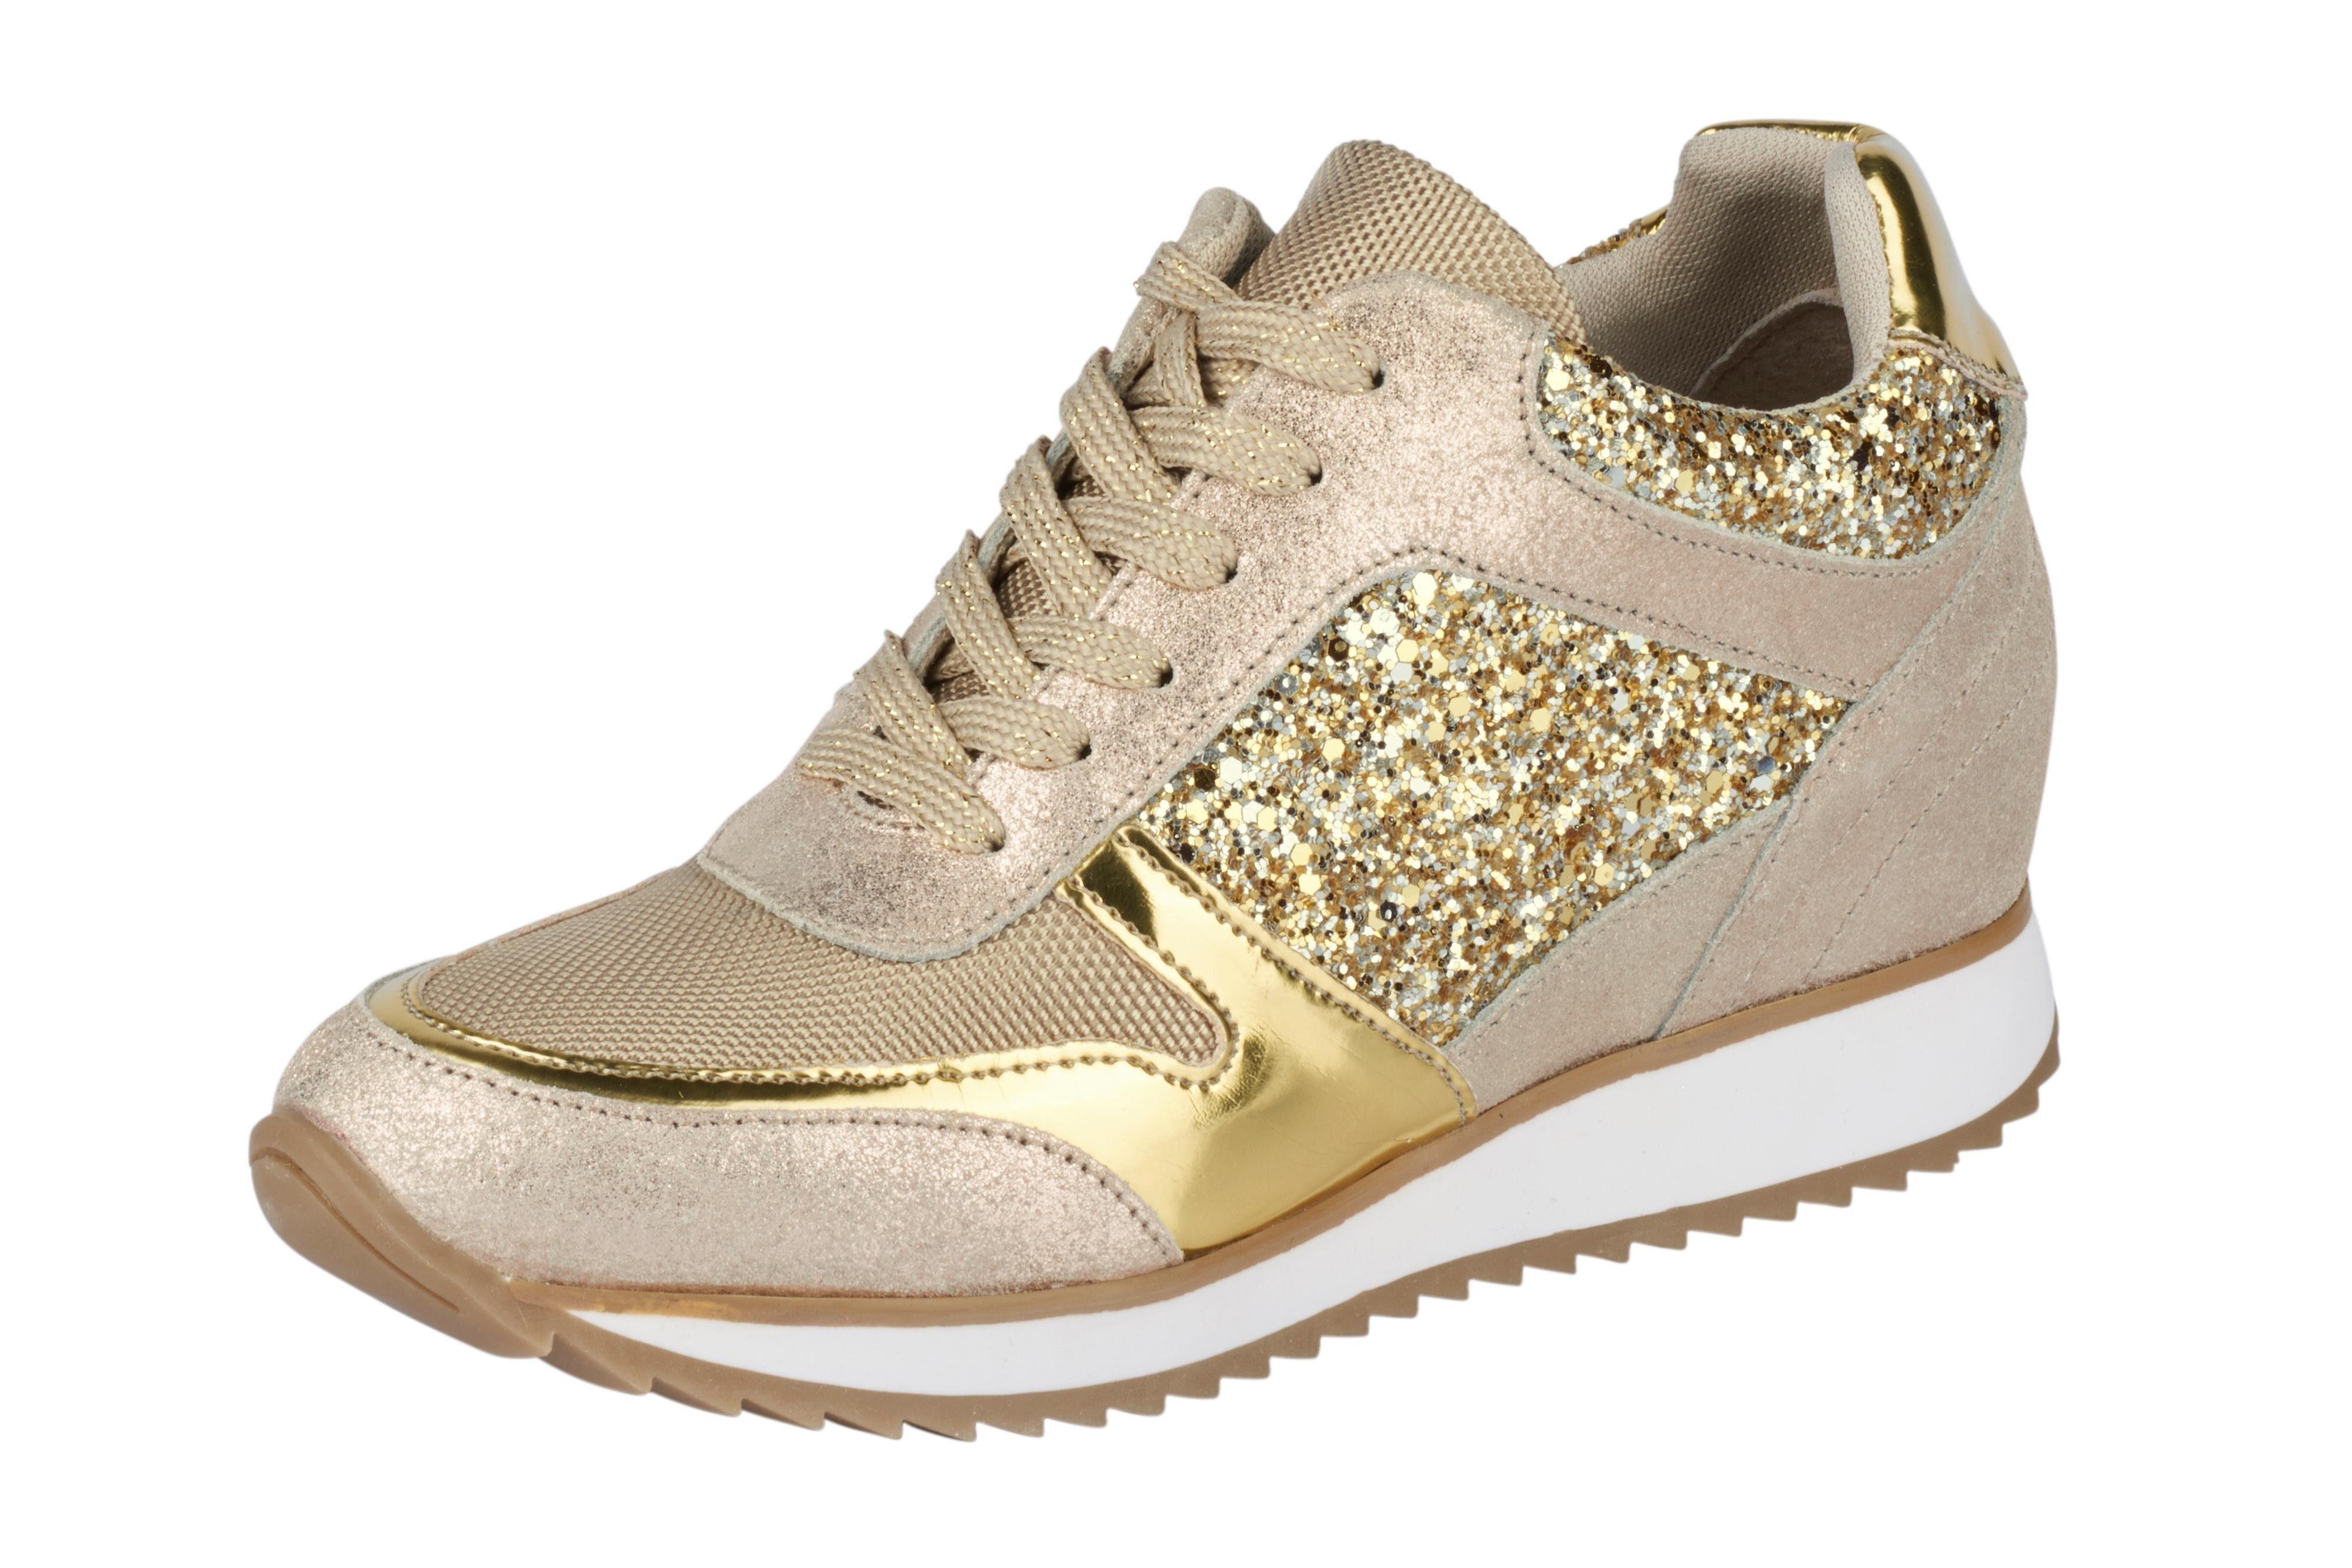 Aufwendigen Heine GlanzeffektSportives Vielen Mit Sneaker Online Details Design KaufenOtto uFK1cTJ3l